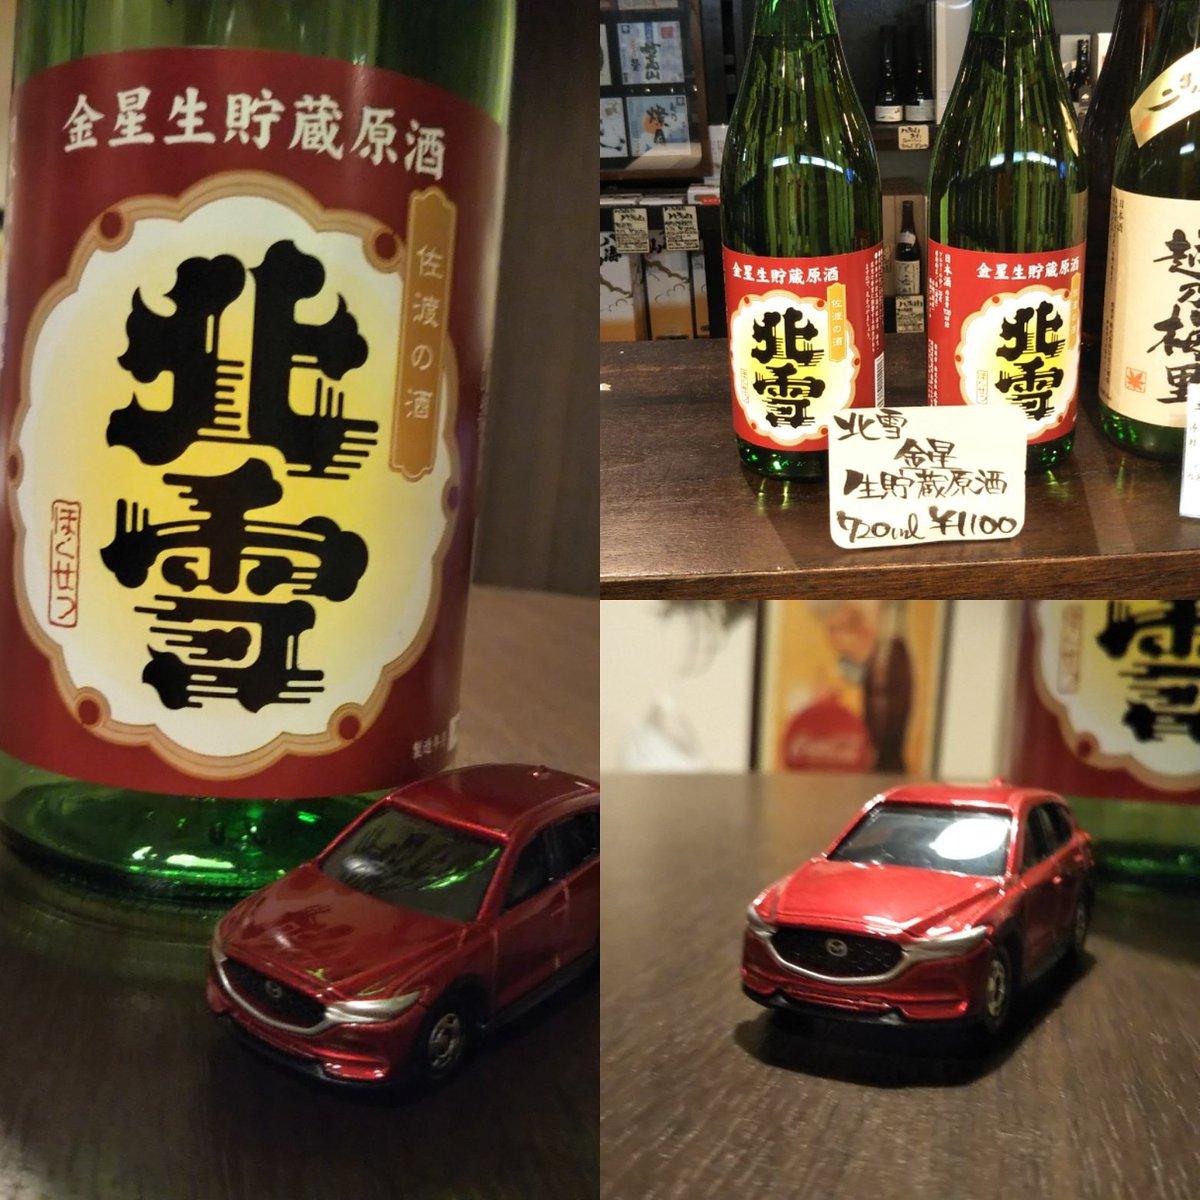 test ツイッターメディア - 新潟県佐渡市にある北雪酒造さんの北雪 金星 生貯蔵原酒を頂きました。キリッと辛口❗️フレッシュさがありながらふっくらとした旨味がある美味しいお酒でした。😋👍 #北雪酒造 #北雪金星 #ミニカー #マツダCX5 https://t.co/RwcBbX2dE7